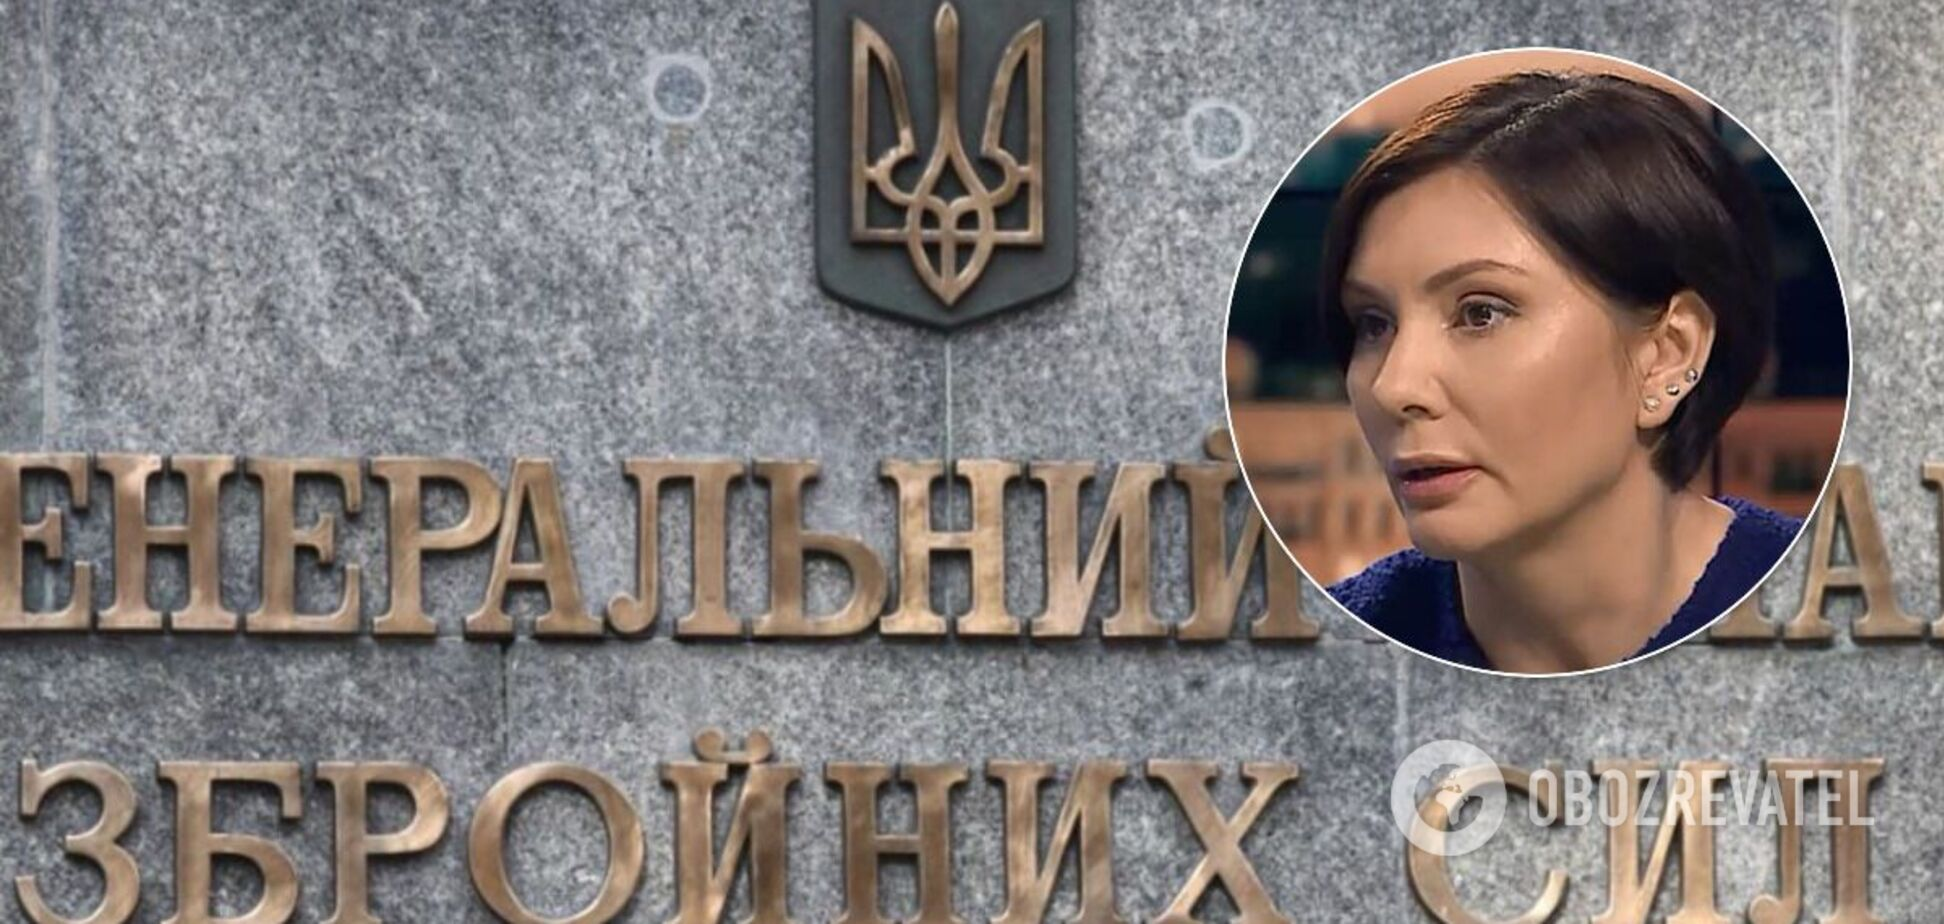 Бондаренко в Генштабе назвали 'агентом влияния' РФ